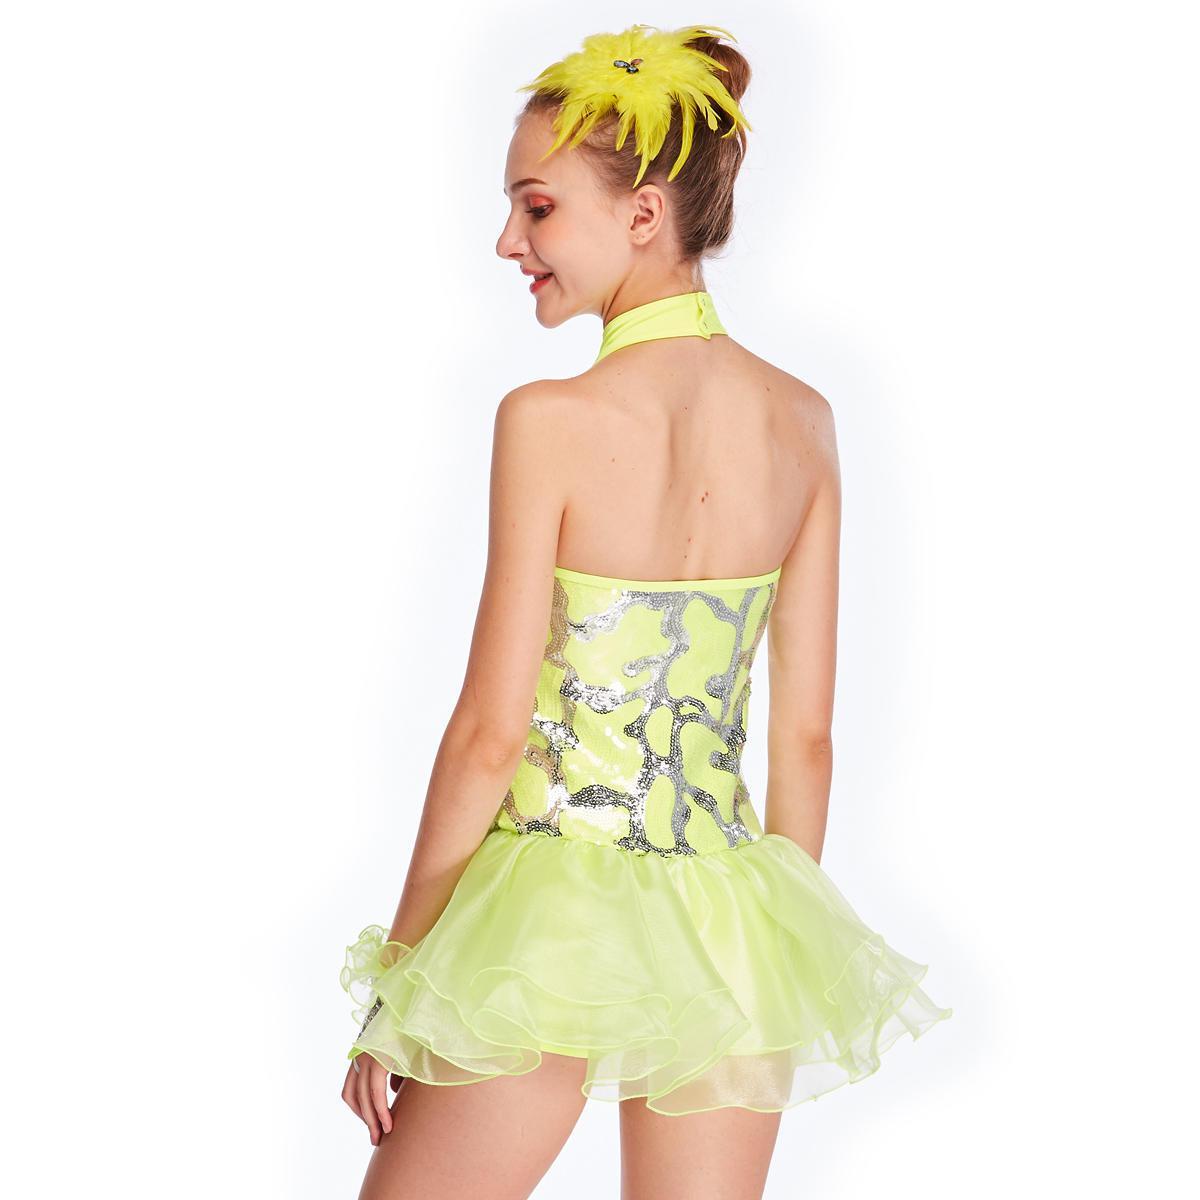 MiDee Sequin Yellow Jazz Dance Dress Dance Ballet Children Girl Costume